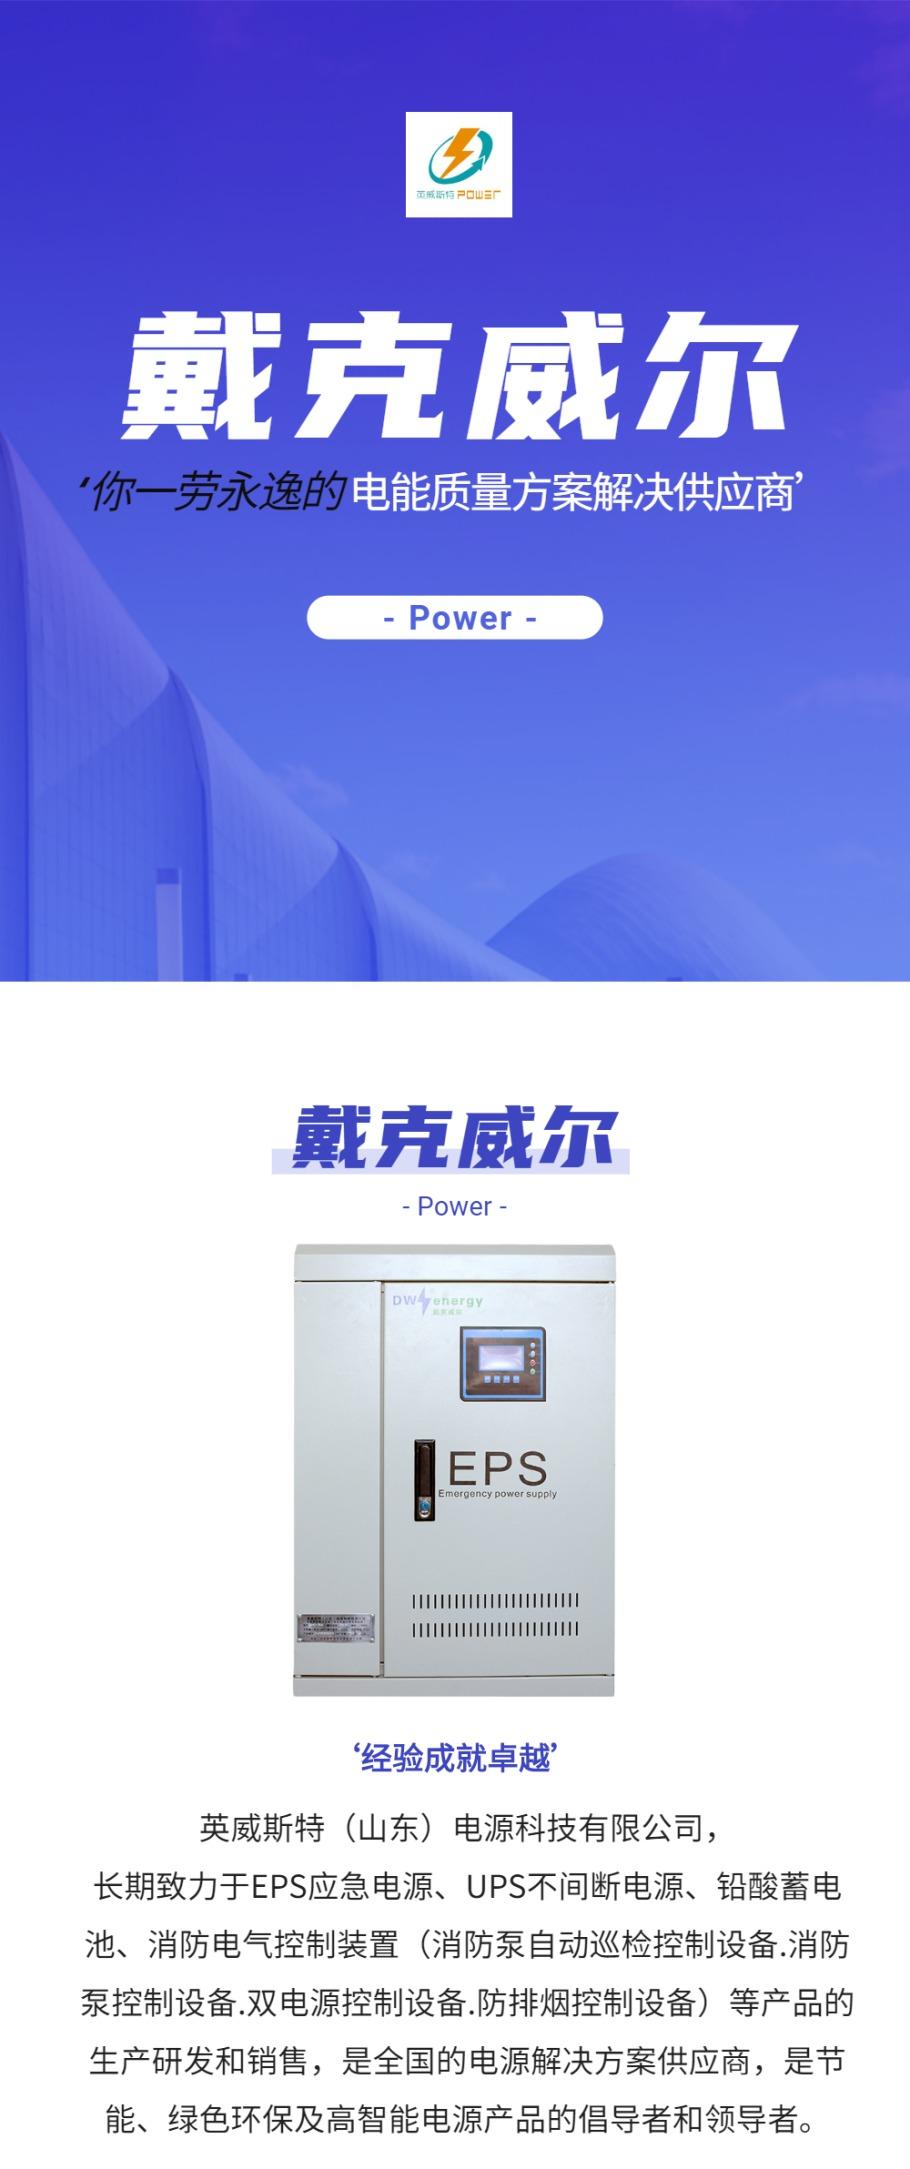 企业官网品牌介绍宣传产品推广长图-1.png